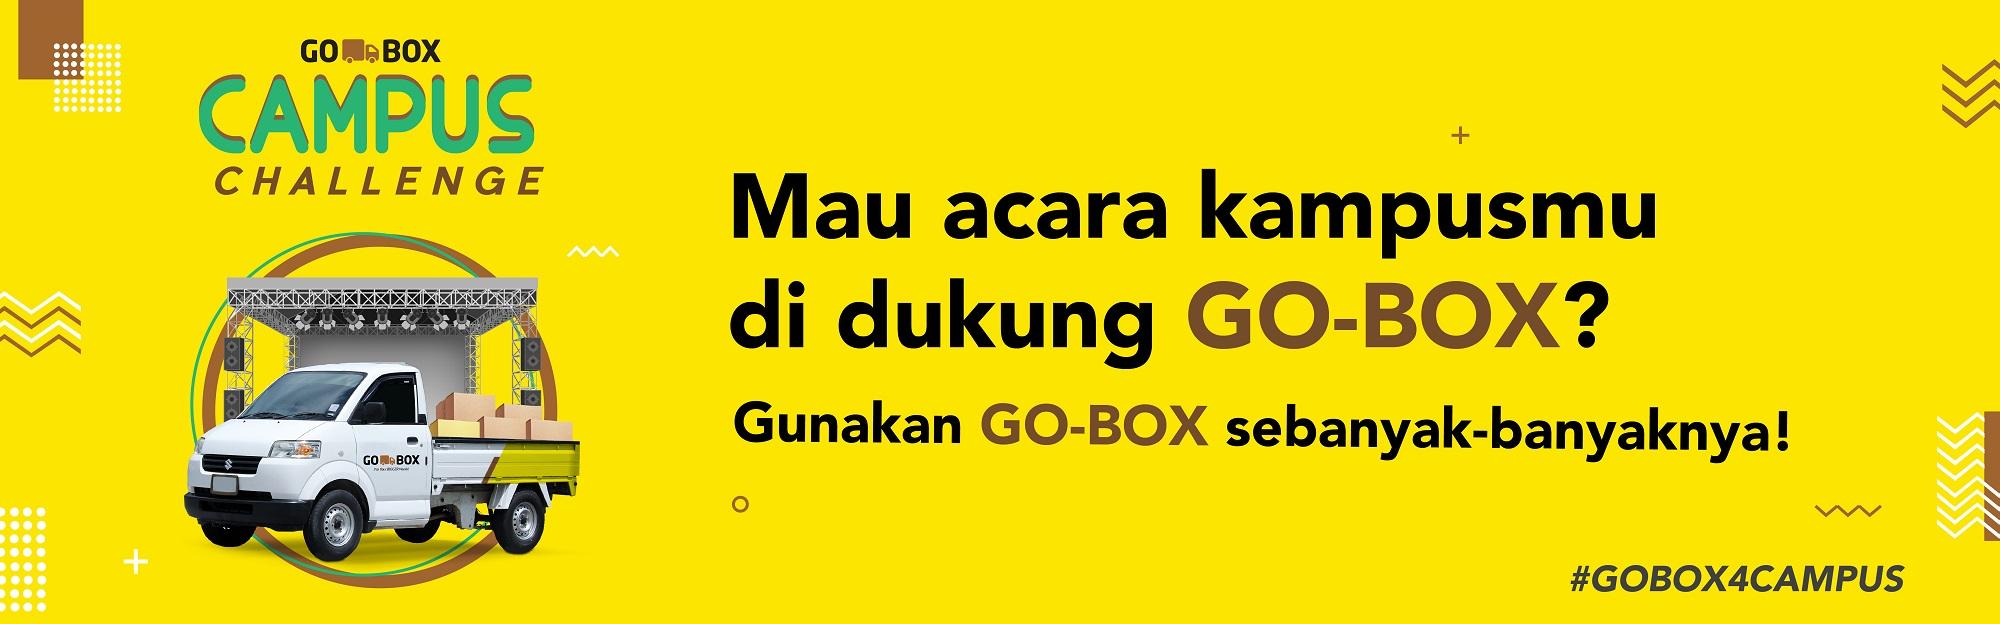 GoBox Campus Challenge